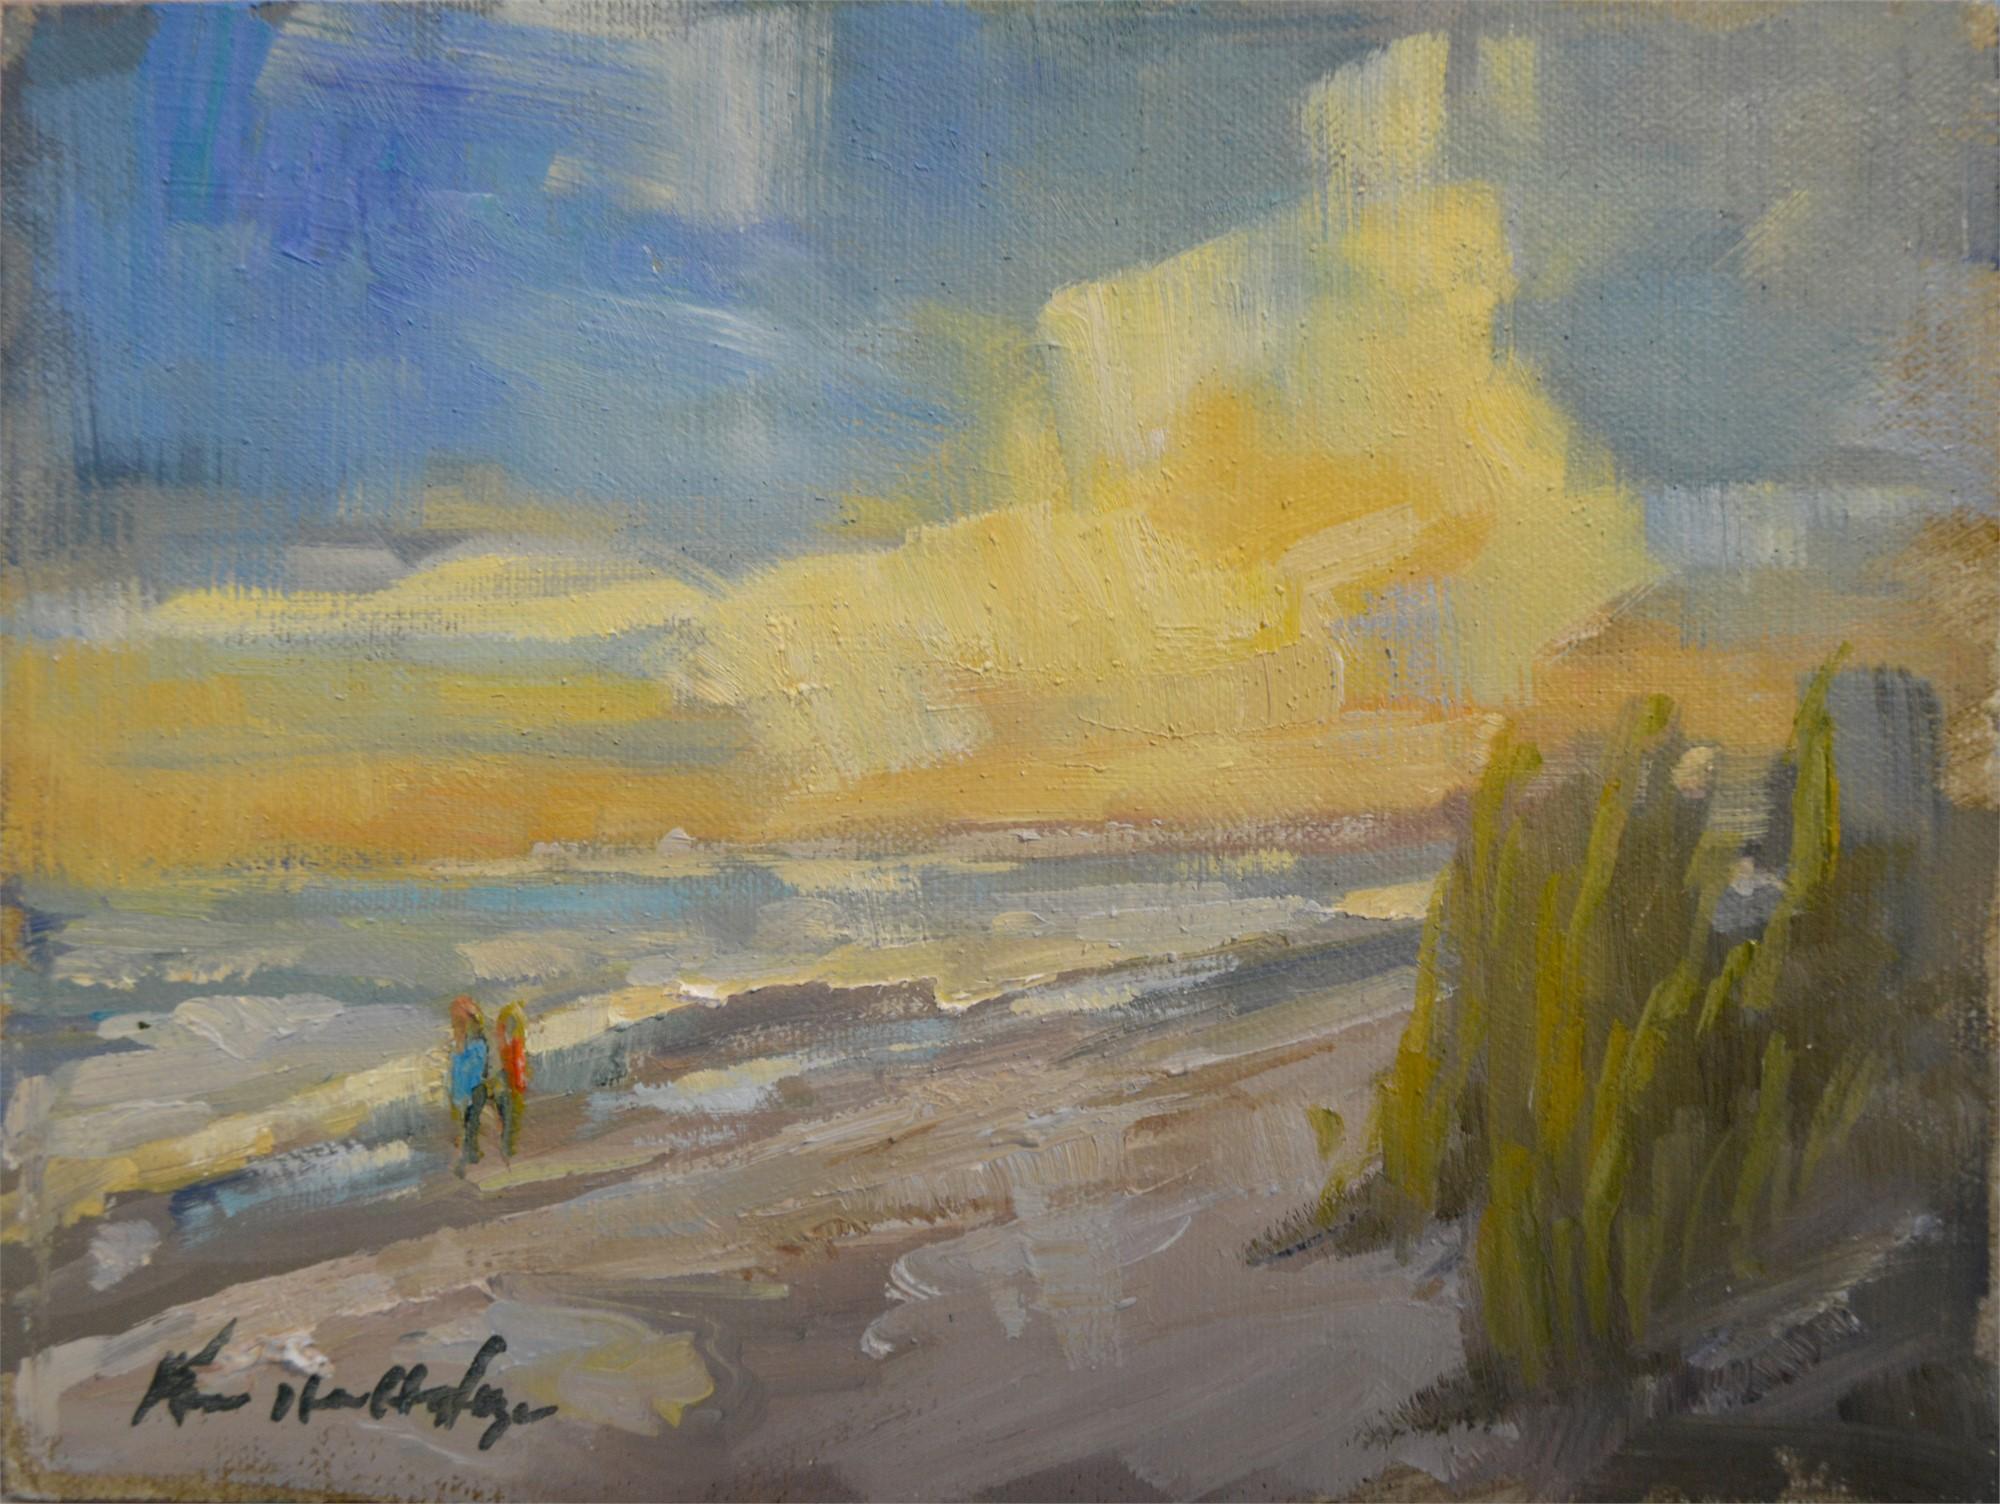 Figure 8 Winter Sunset (NC) by Karen Hewitt Hagan